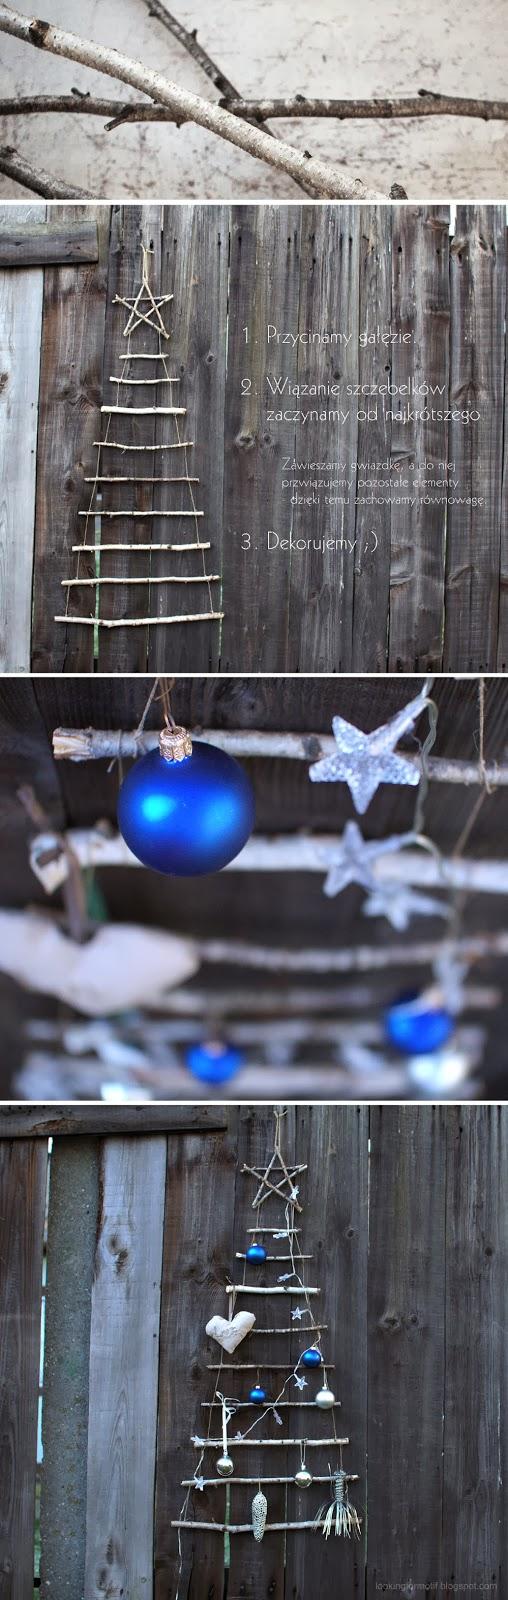 choinka z sosnowych gałęzi, ozdoby na Święta Bożego Narodzenia, jak zrobiś choinkę na święta